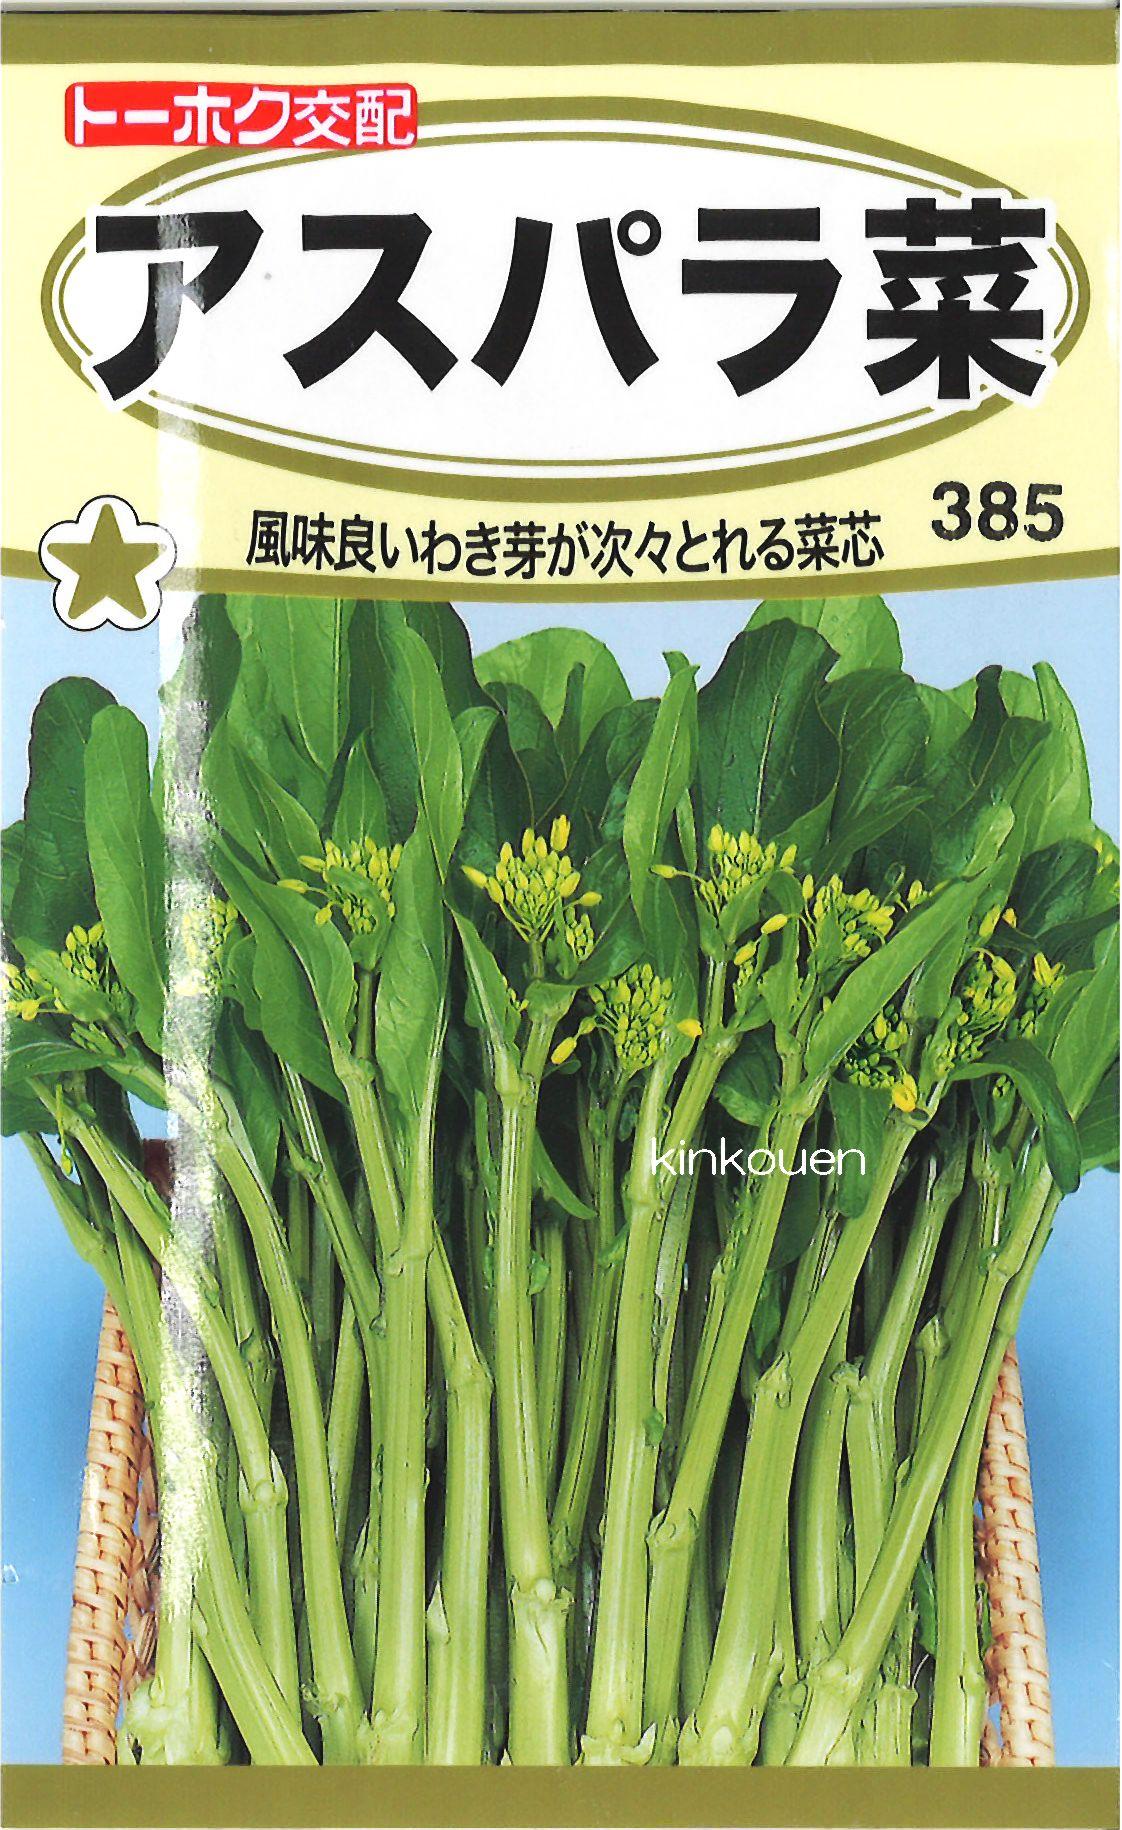 【代引不可】【5袋まで送料80円】□アスパラ菜